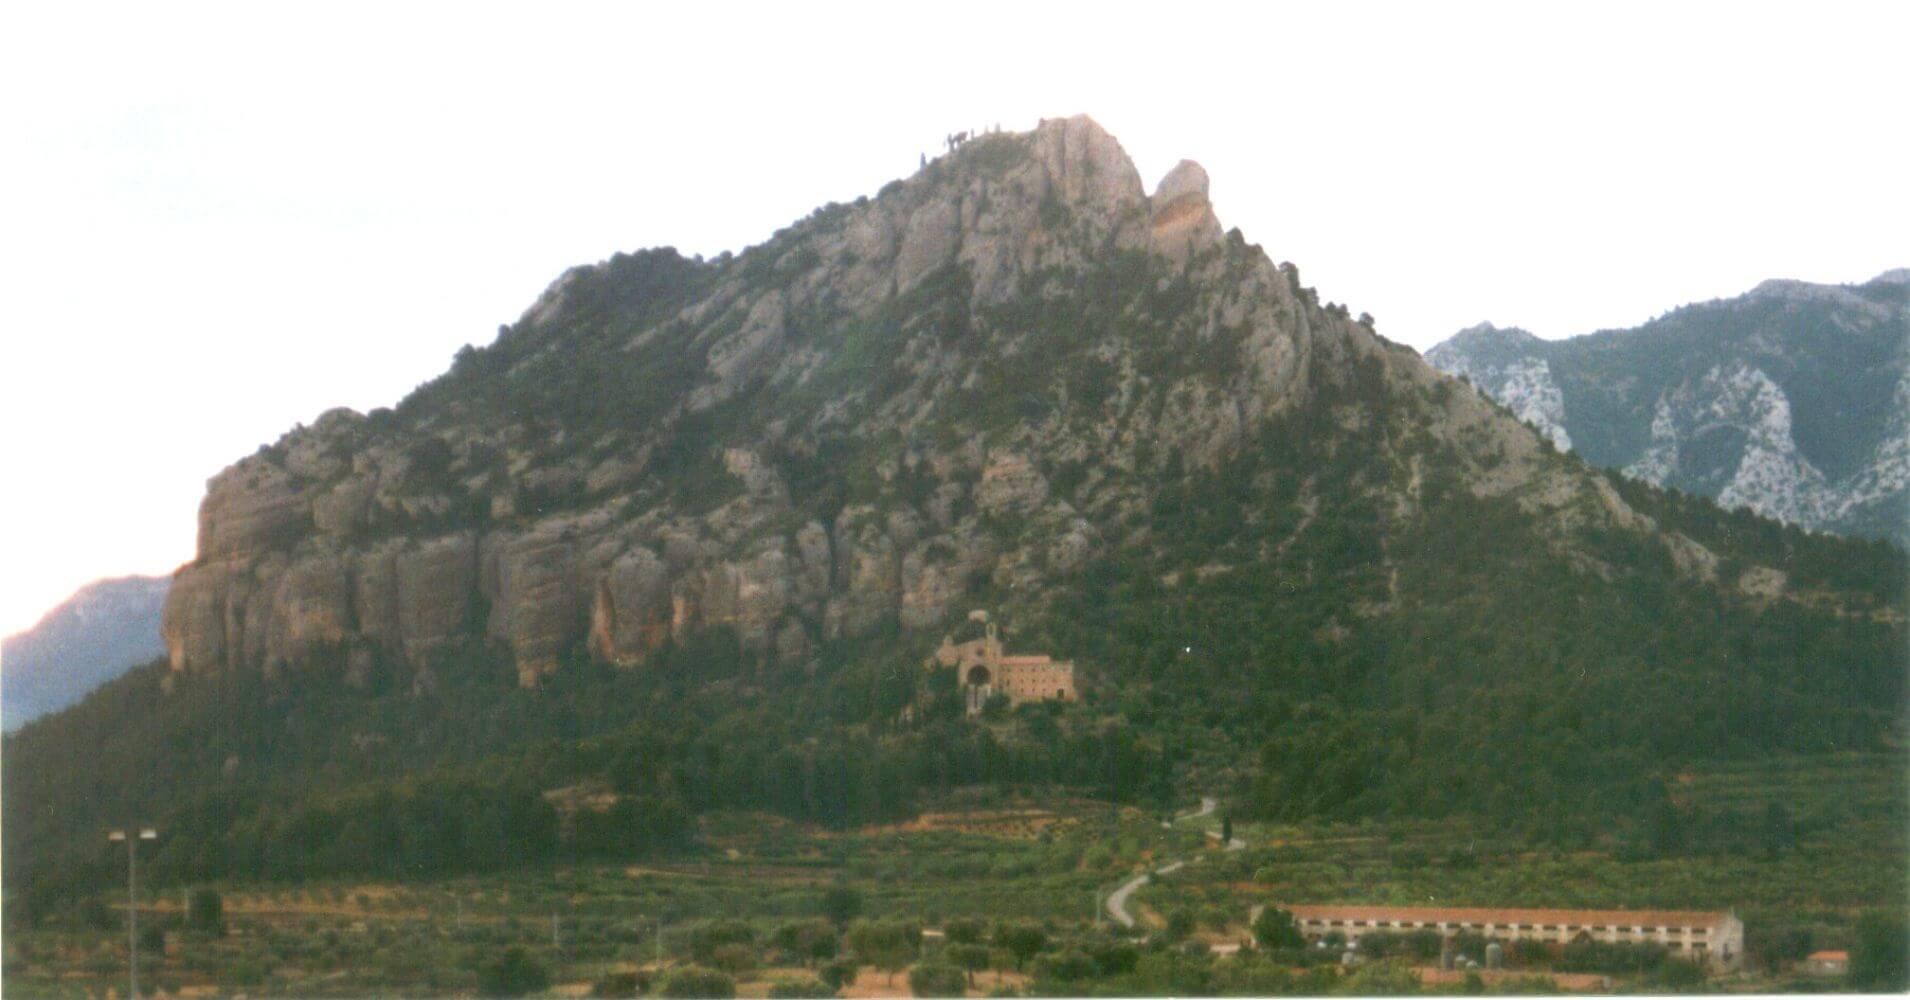 Cerro de la Ermita visto desde Horta de San Juan a su pie el Convento del Salvador.